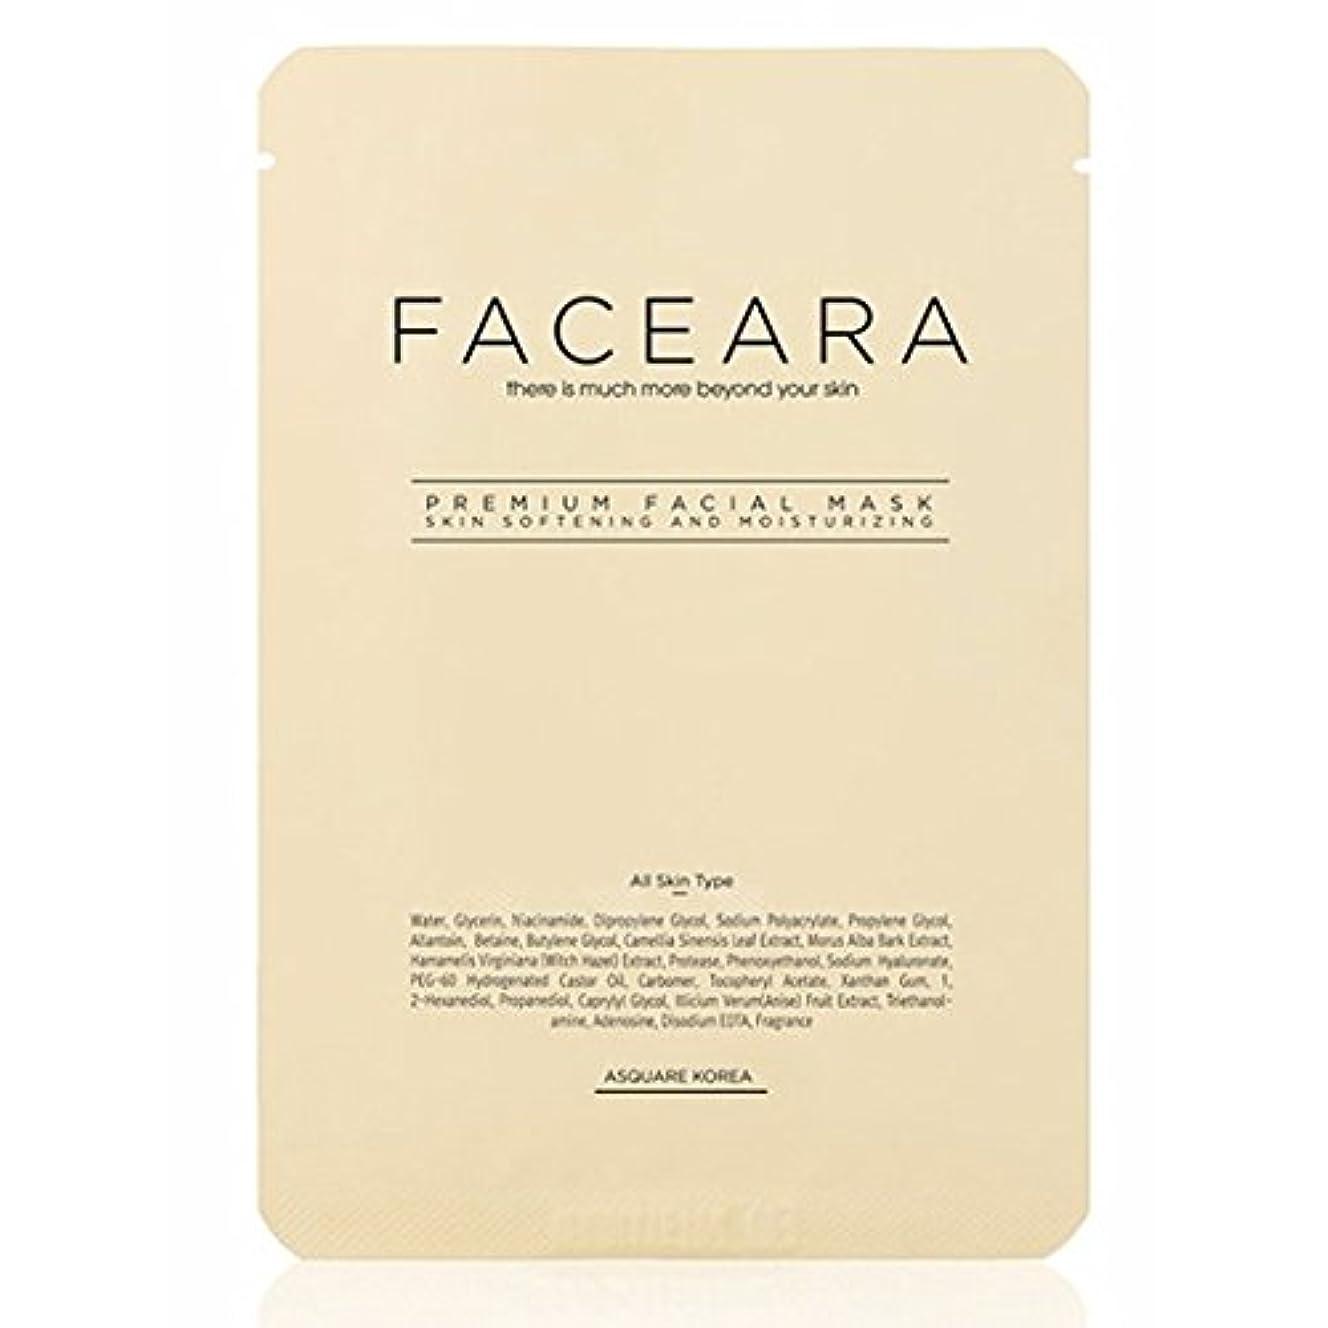 ファックス愛情深いクモ[並行輸入品] FACEARA スクラブ&スーパーモイスチャライザー用プレミアムフェイシャルマスクシート25g 10本セット / FACEARA Premium Facial Mask Sheet for Scrub &...